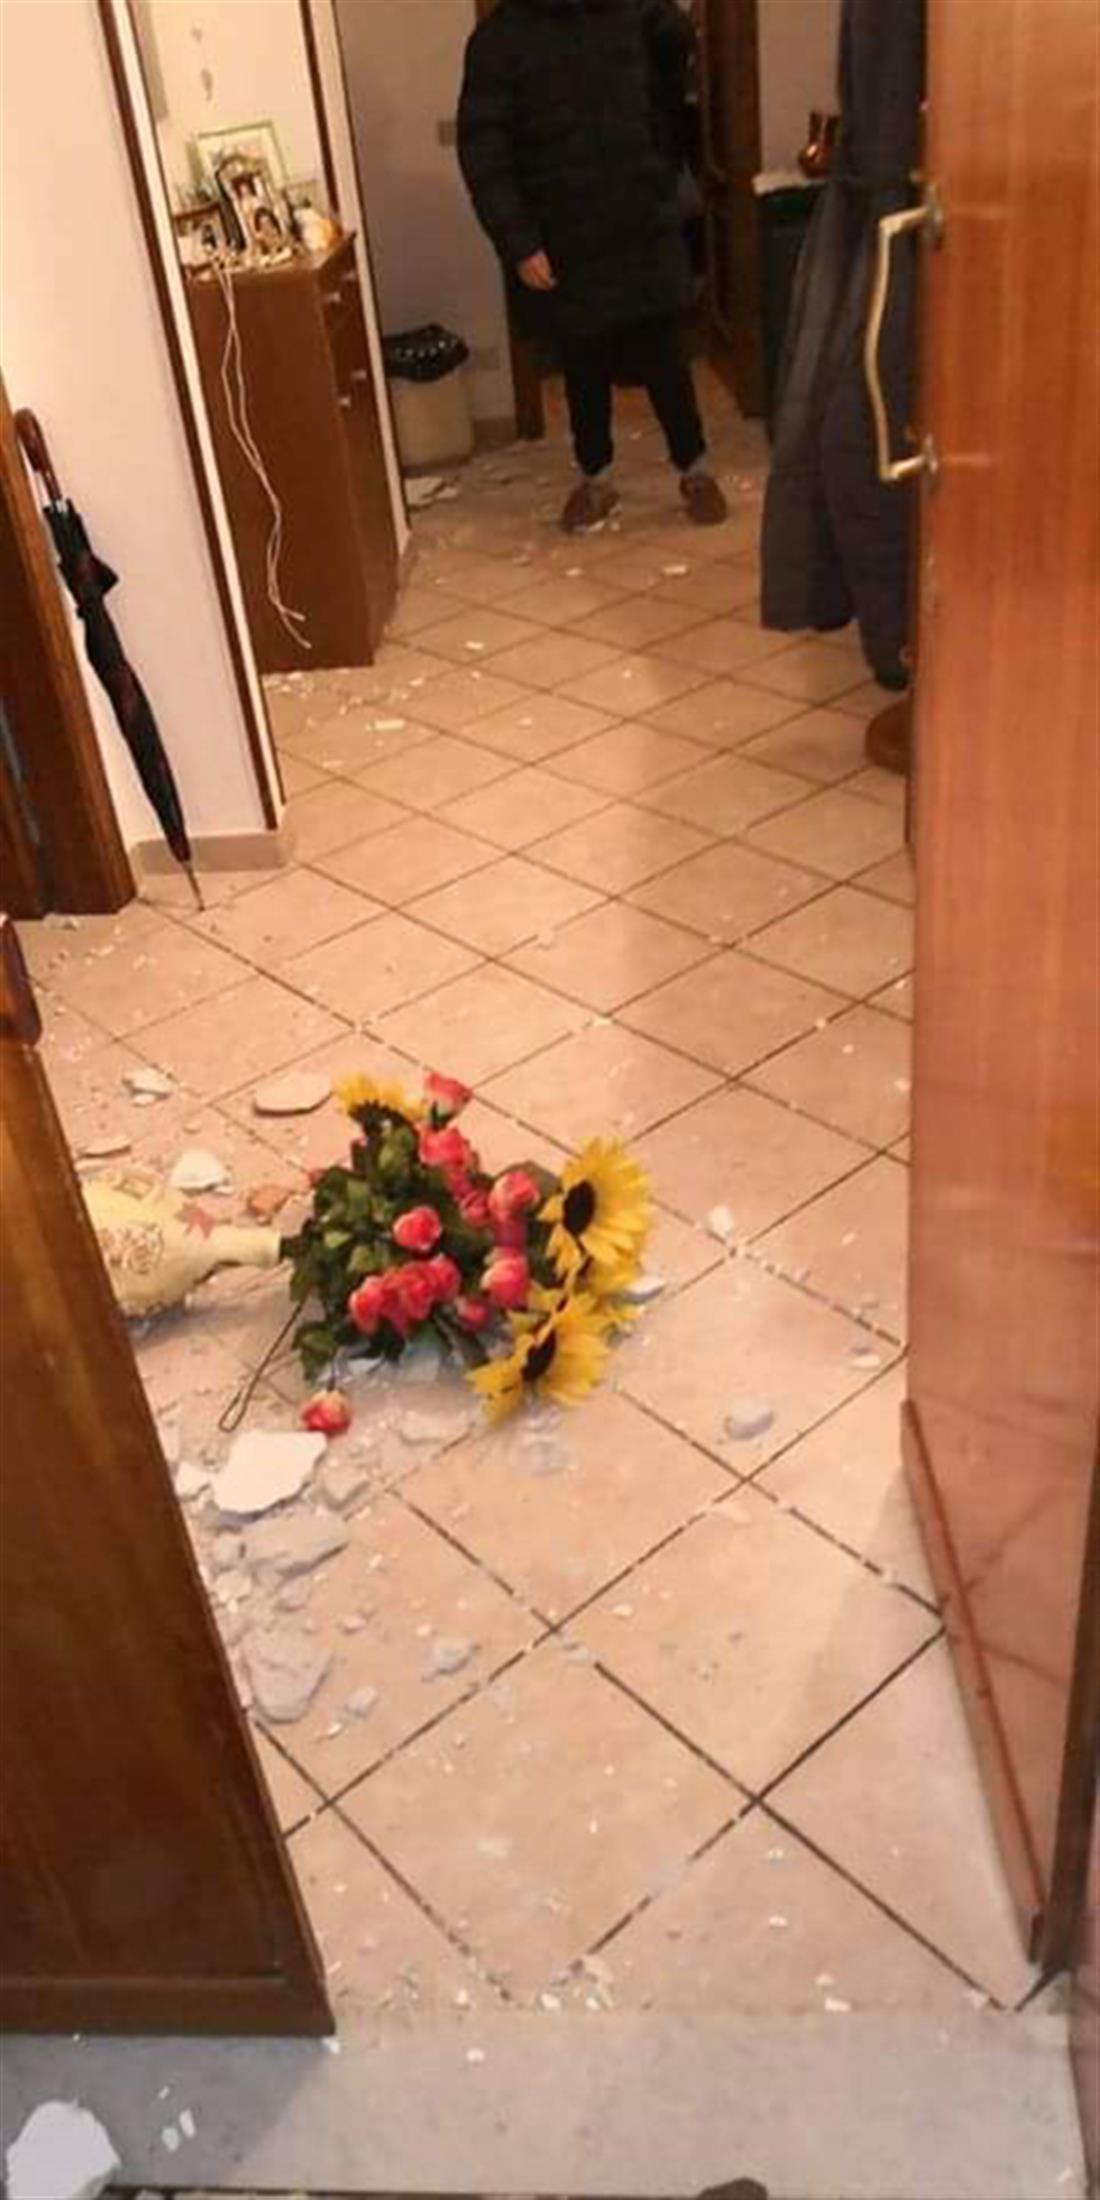 σεισμός -Τοσκάνη